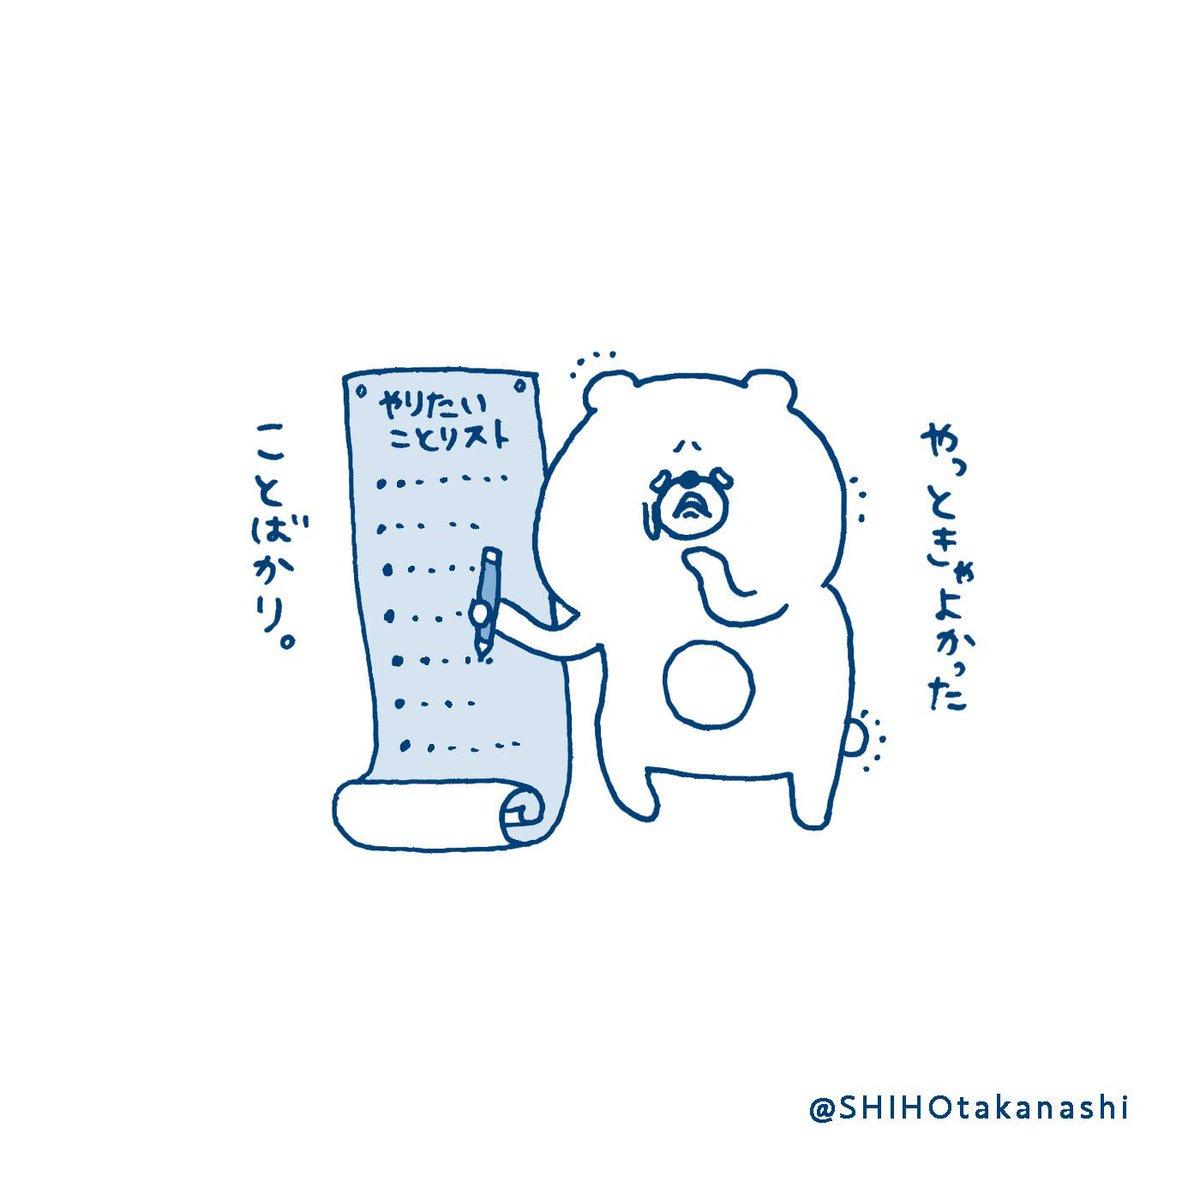 yoshi05atsu11